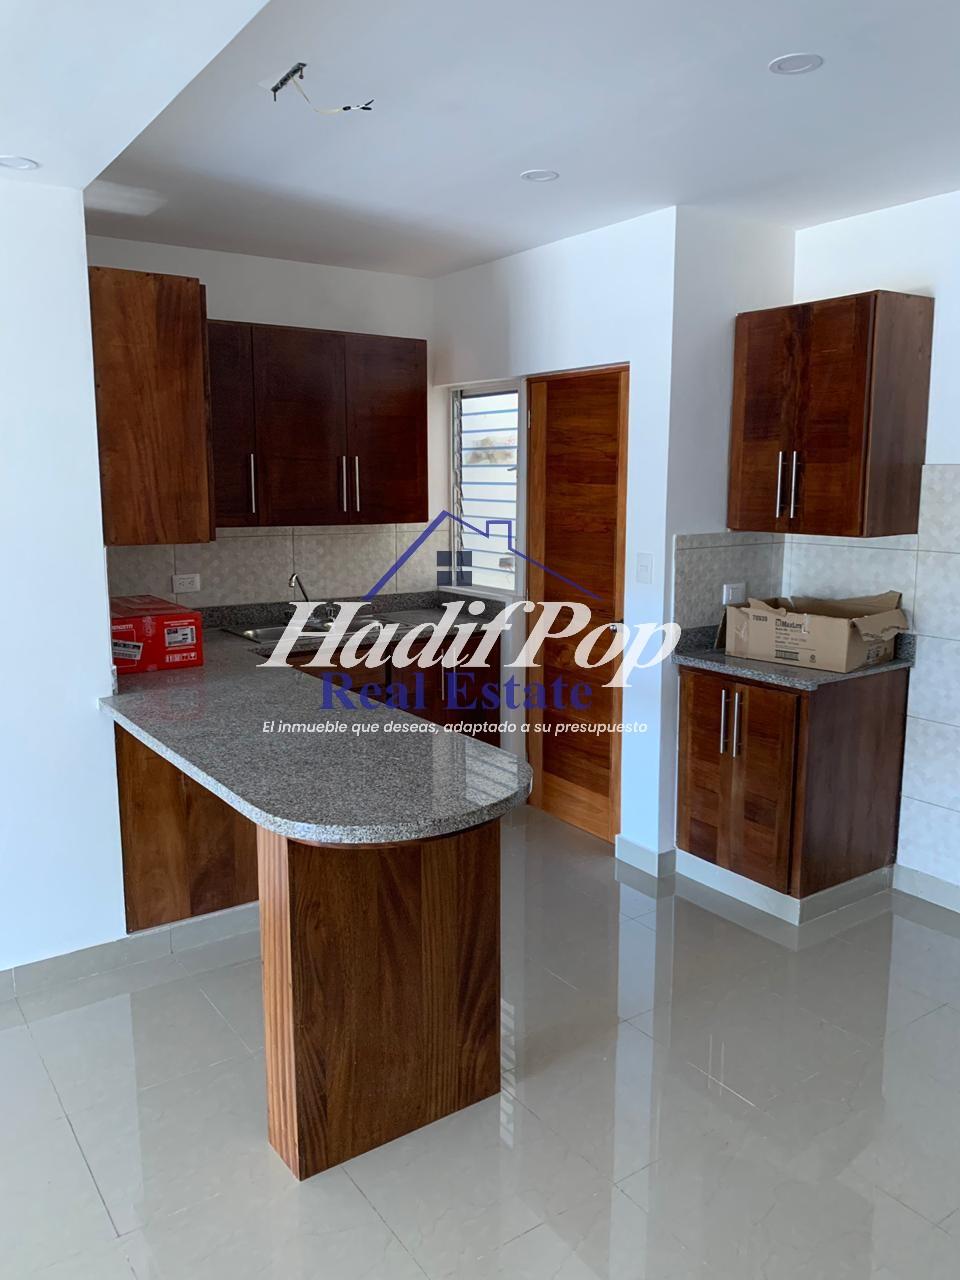 Nuevo apartamento de renta en 1er nivel, ubicado en residencial cerrado, Puerto Plata